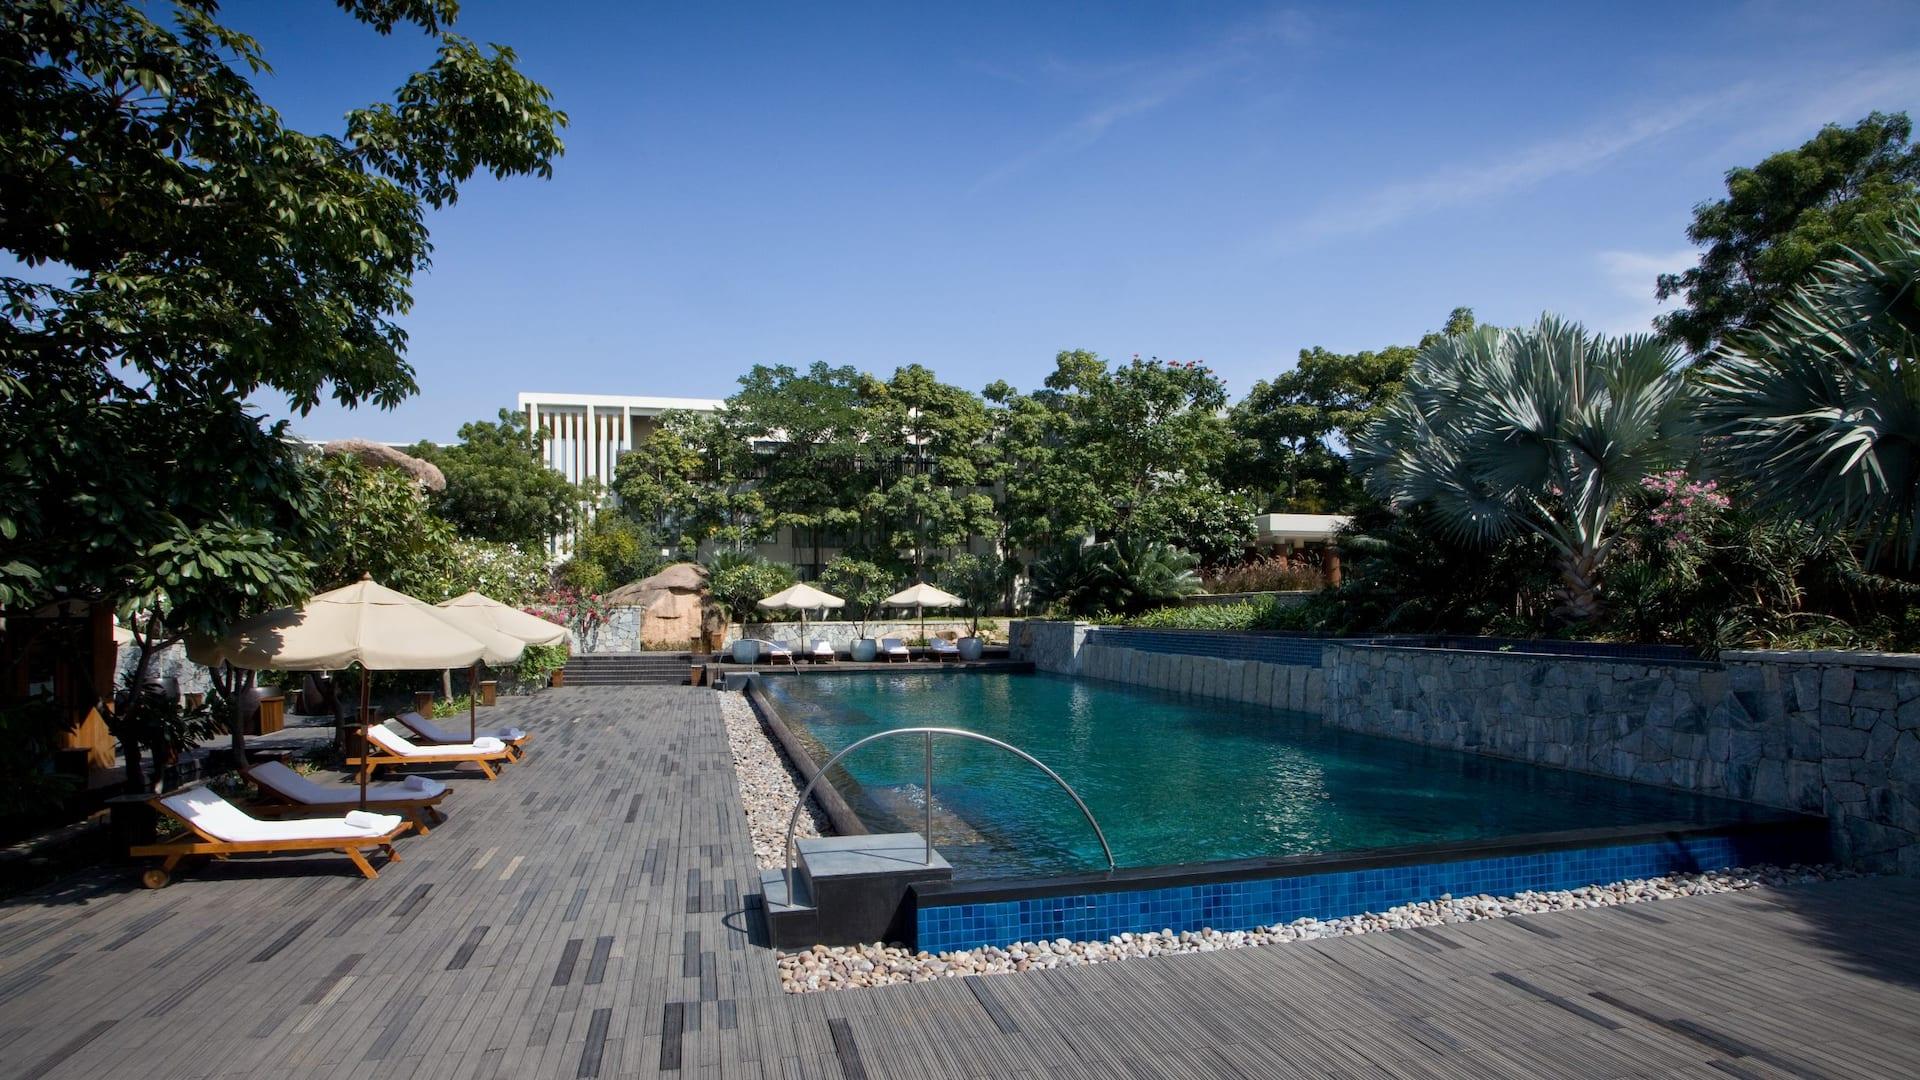 Hotels In Hyderabad India 5 Star Luxury Hotel In Gachibowli